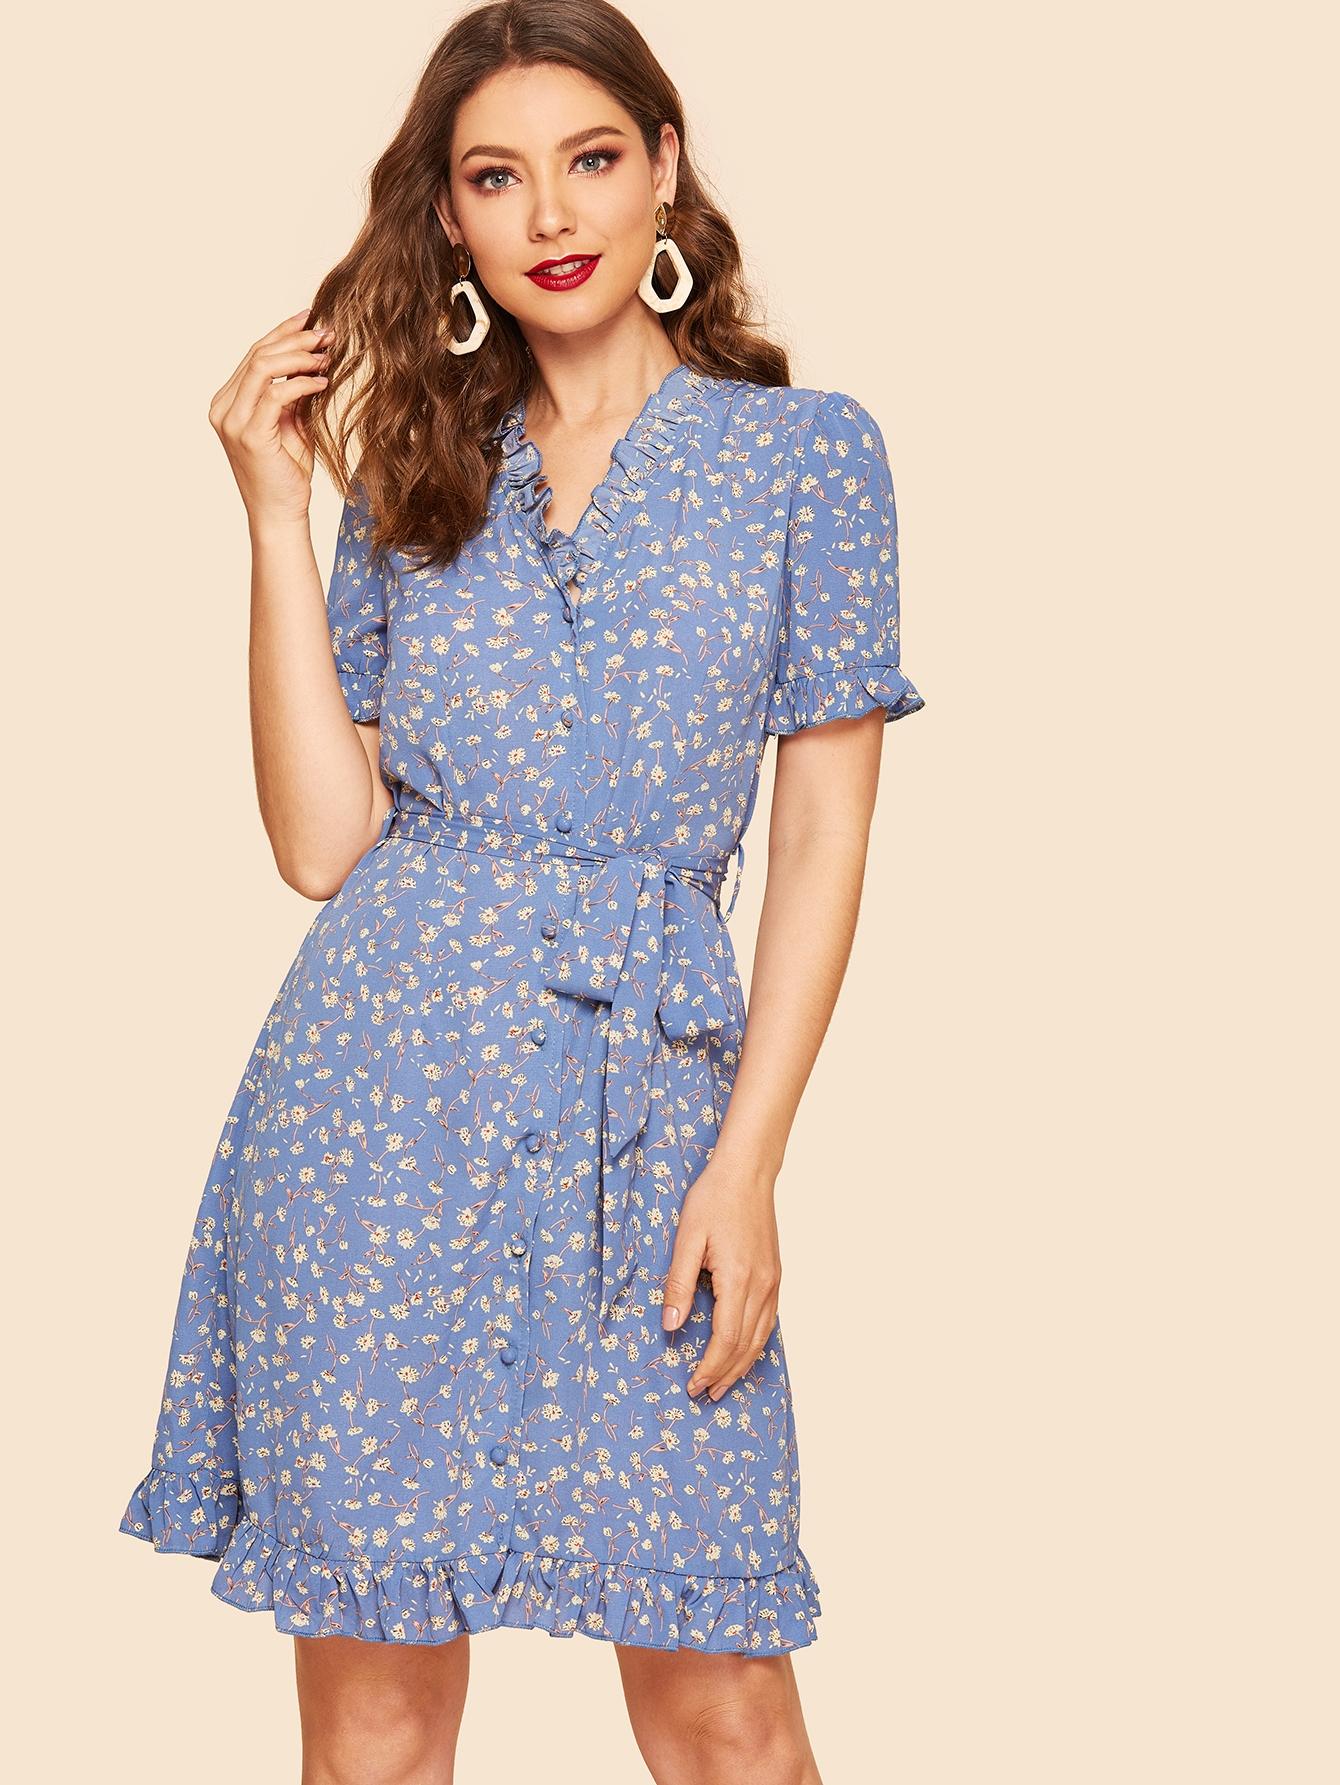 Купить Платье-рубашка в стиле 40-х годов с цветочным принтом и поясом, Debi Cruz, SheIn